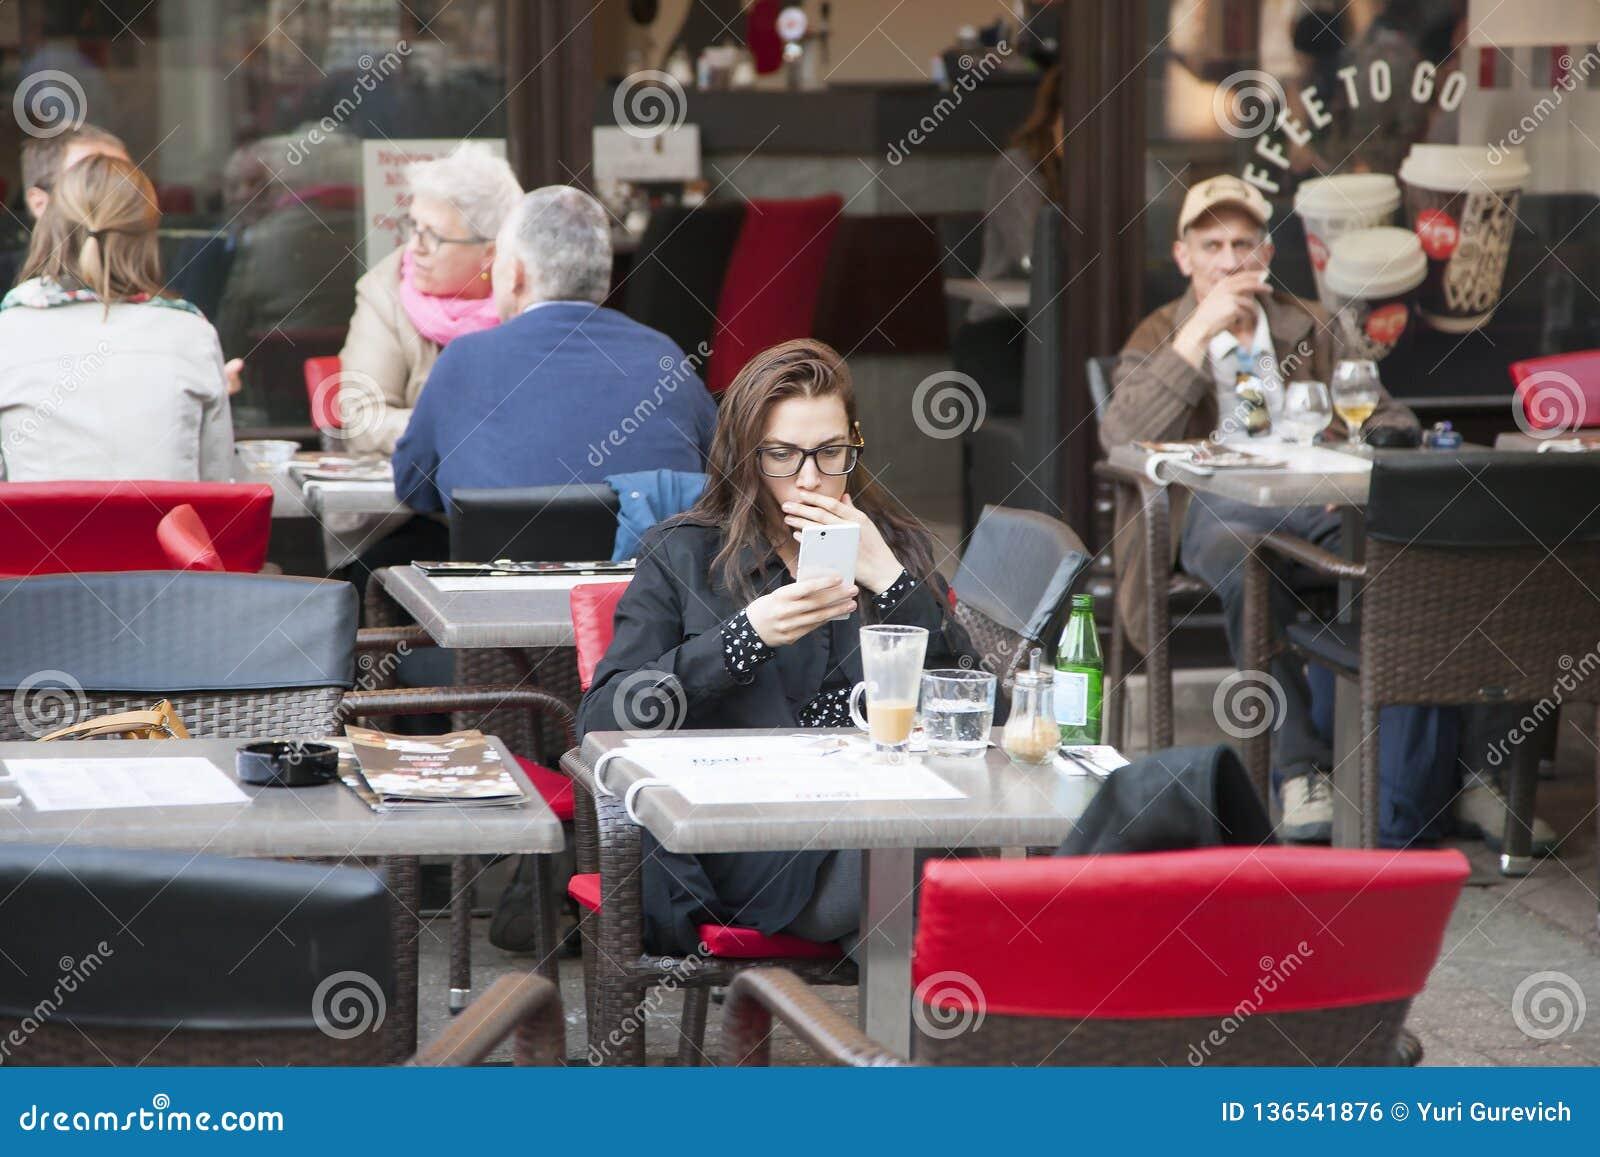 Boedapest, Hongarije - April 8, 2018: Het mooie meisje schrijft een sms-bericht op uw telefoon terwijl het zitten in koffiewinkel